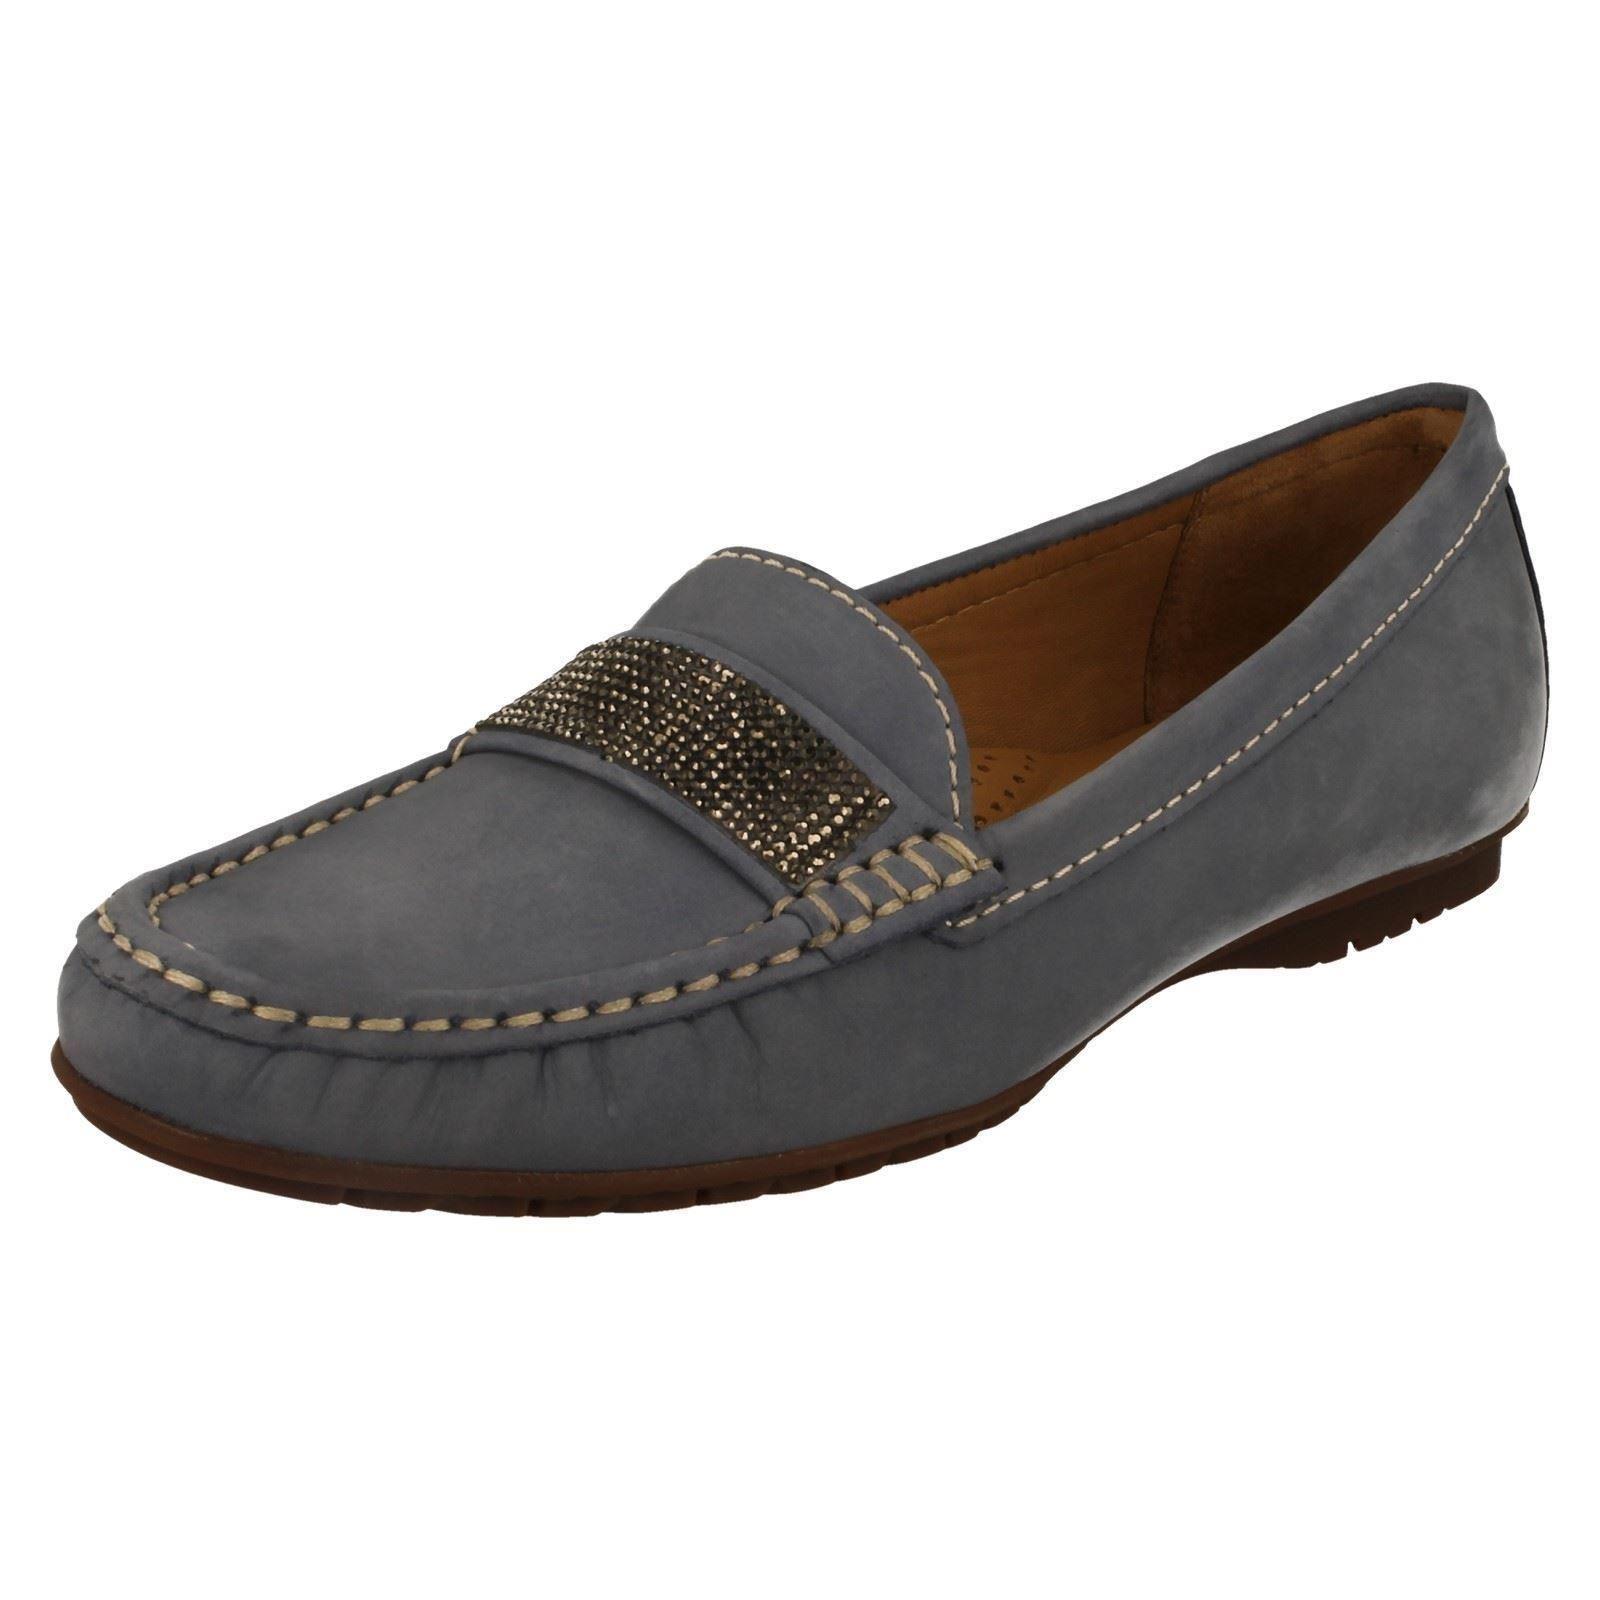 Descuento de la marca tiempo Descuento por tiempo marca limitado Ladies Globo Moccasin Shoes Style Aintree -w 6eb90f